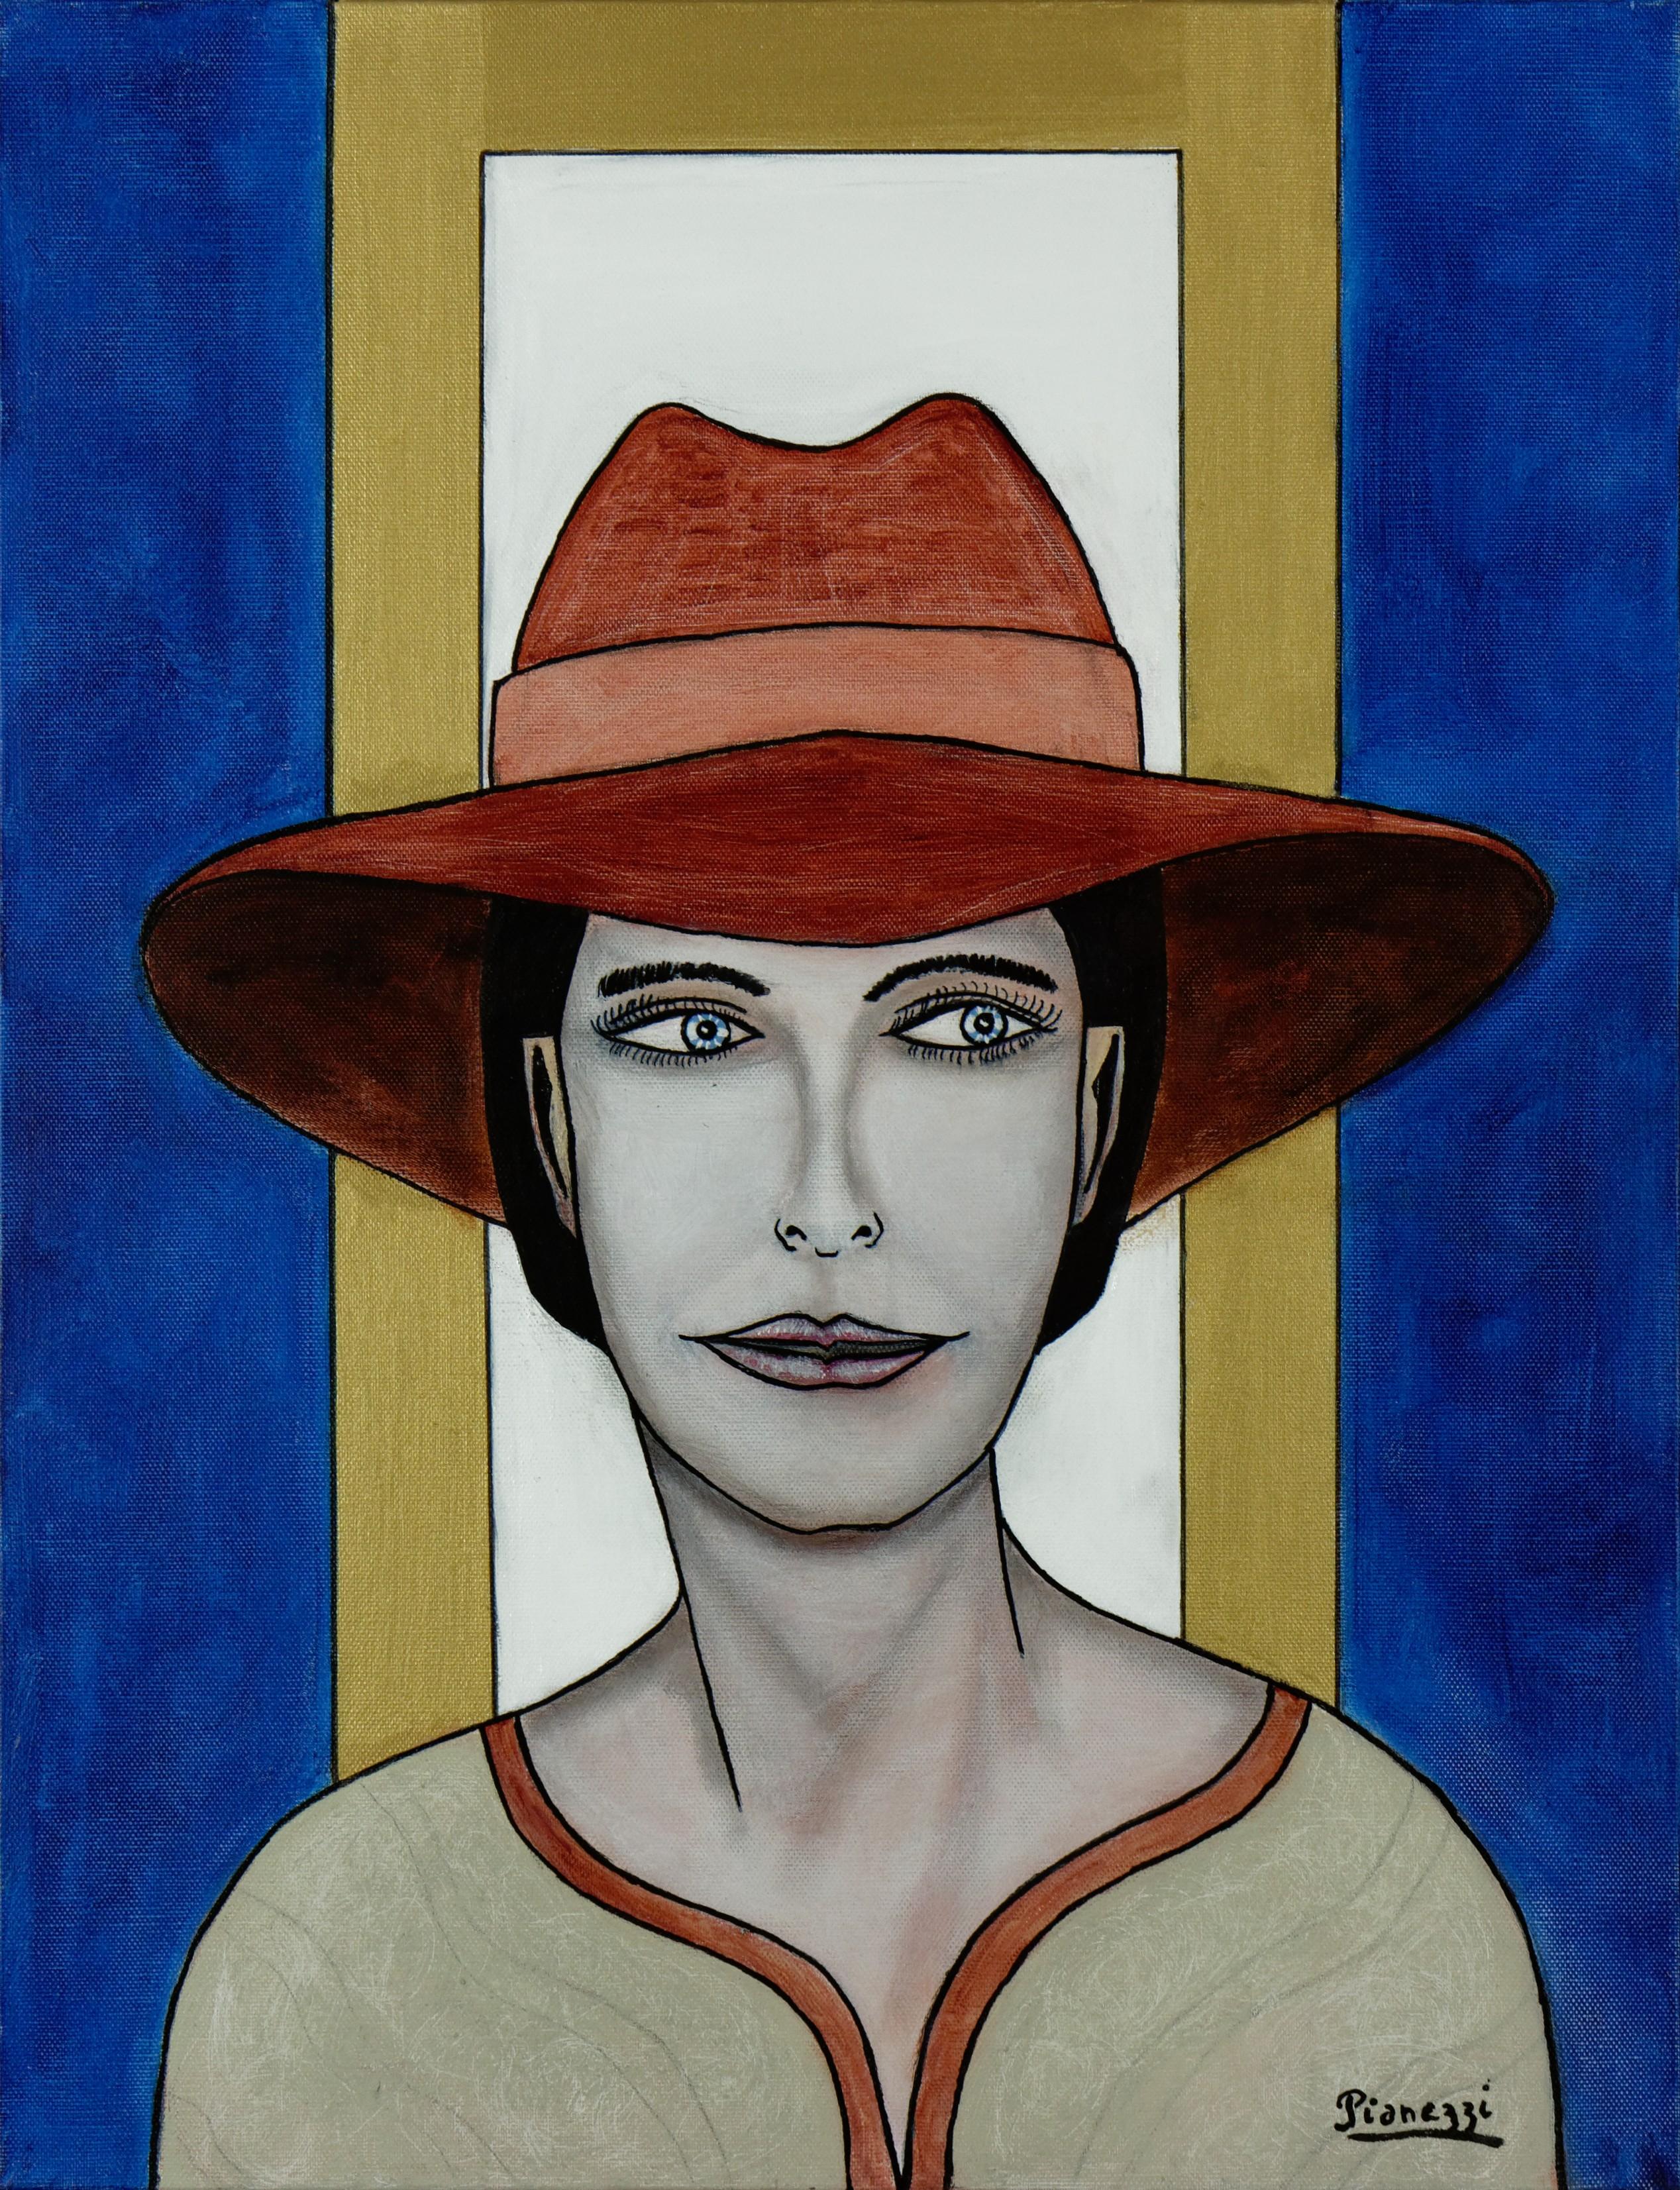 pianezzi-orianna-femme-portrait